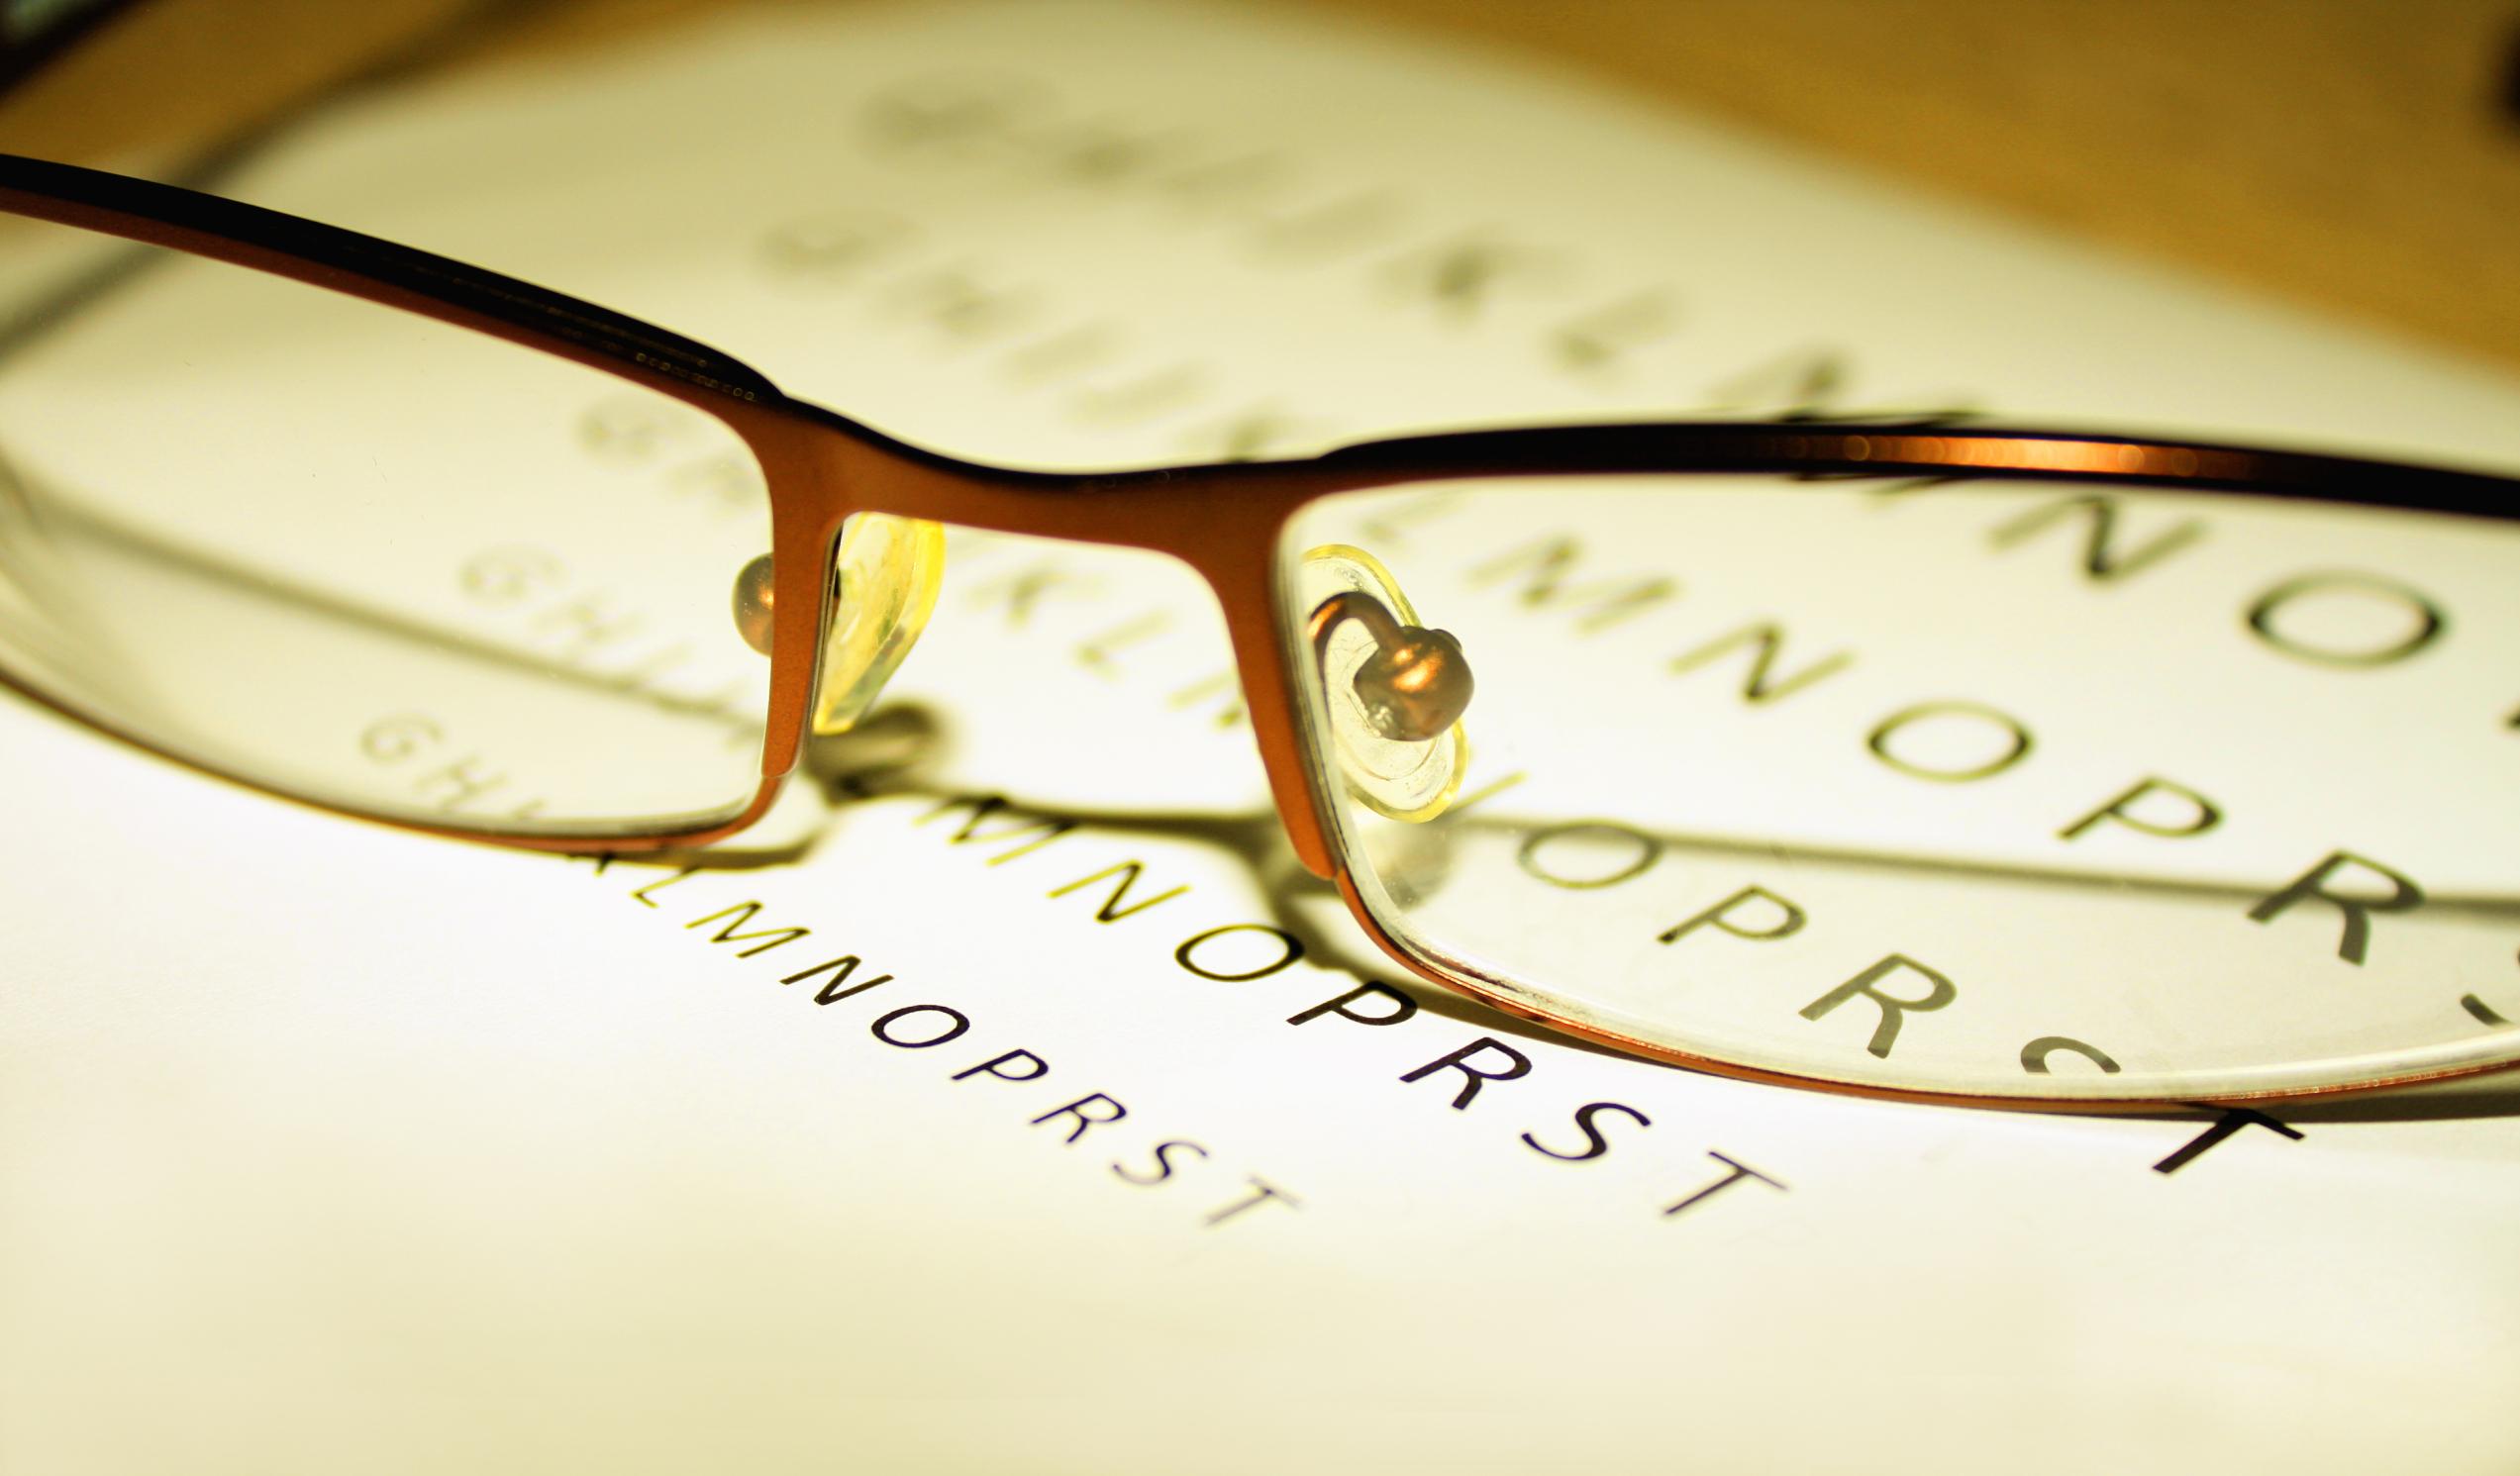 cum să brodezi cu vederea slabă dacă 1 25 viziune